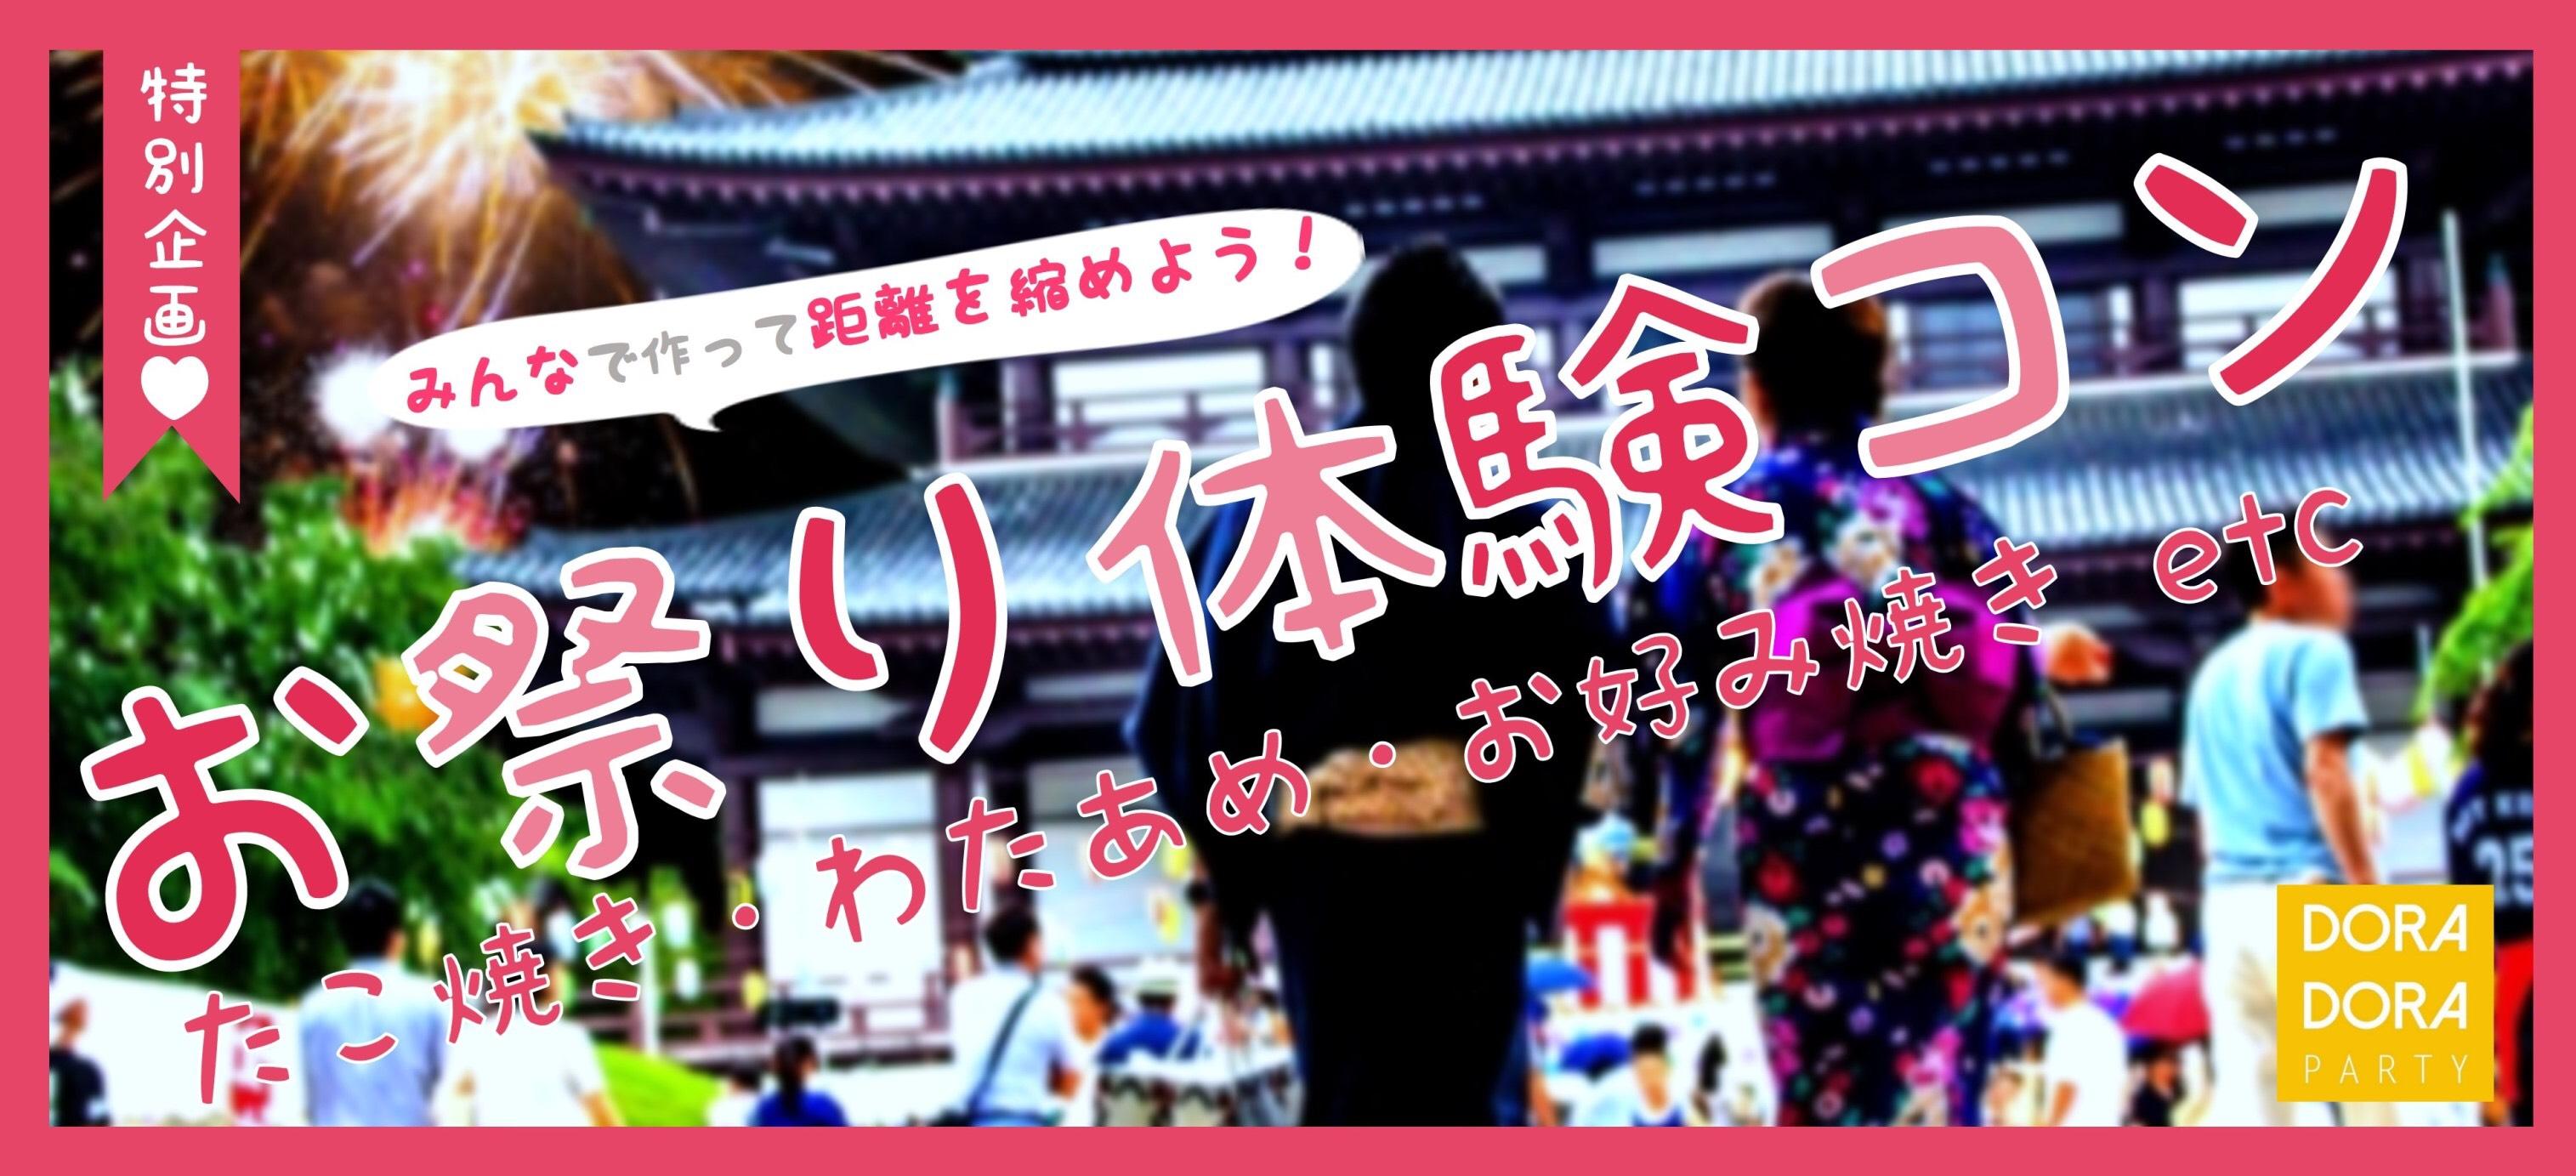 9/26 話題のゆる恋活☆ 20代限定!共同作業で話題に困らない若者に大人気の出会える屋台フード料理コン